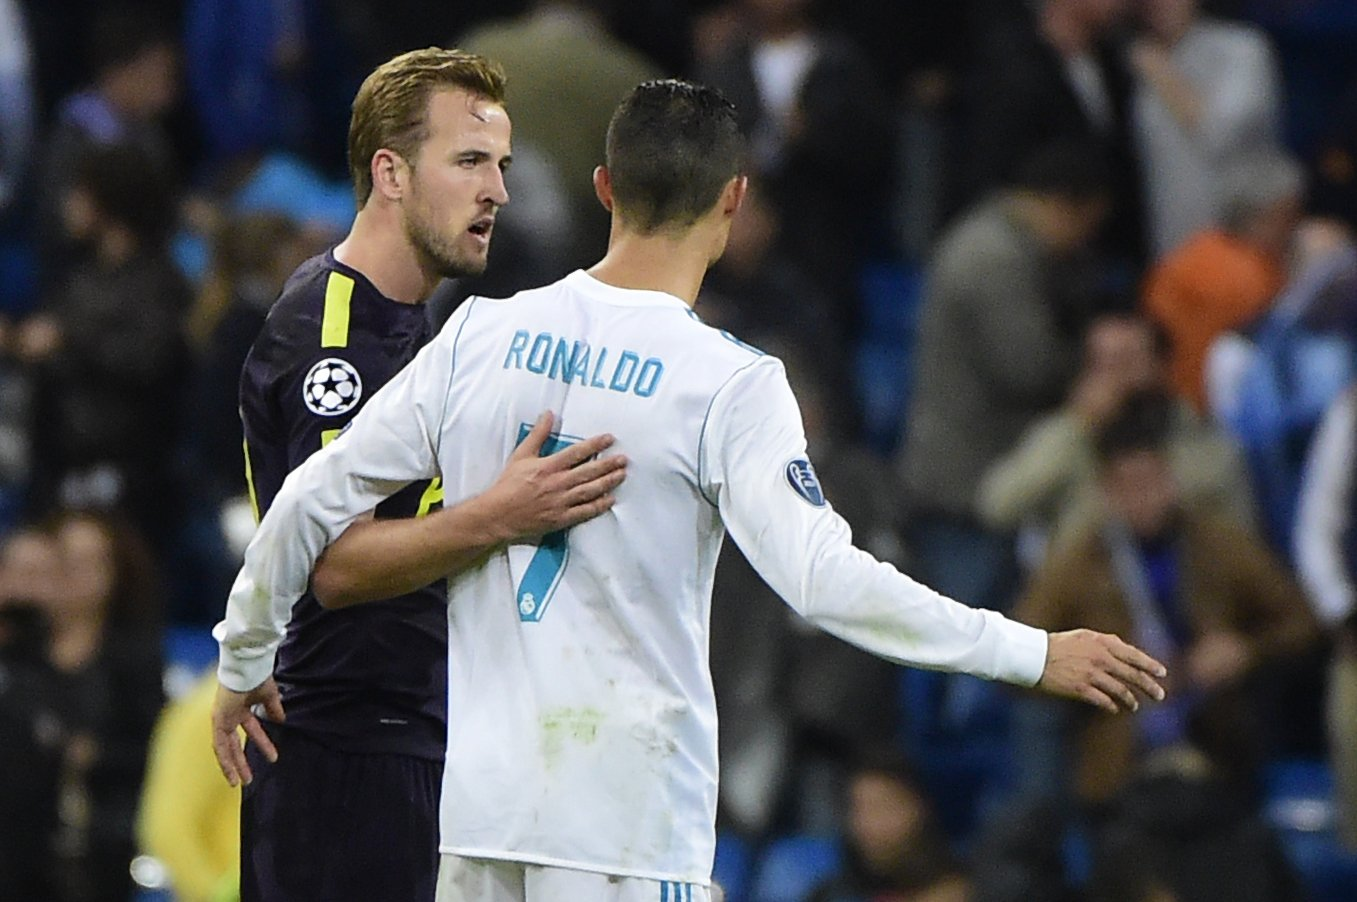 أهداف مباراة ريال مدريد وتوتنهام كاملة